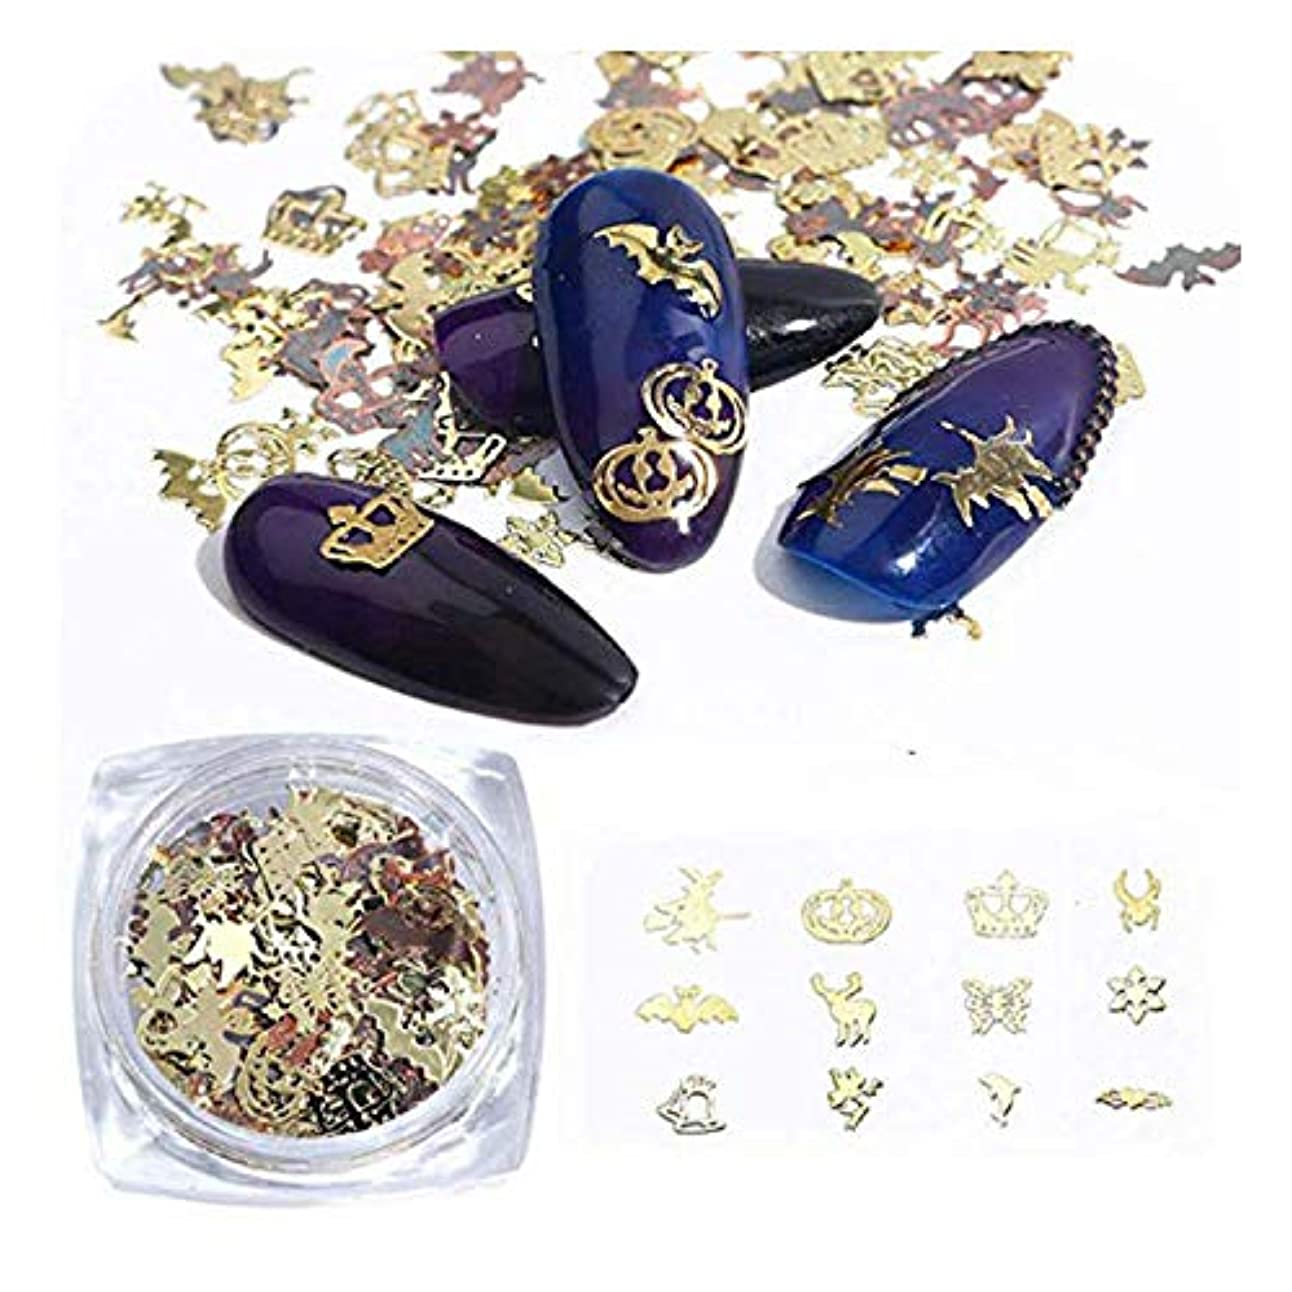 召喚する保証金ミントハロウィンネイルステッカーパッチ合金オーナメントアクセサリーdiy装飾用ネイルアートステッカー,Gold